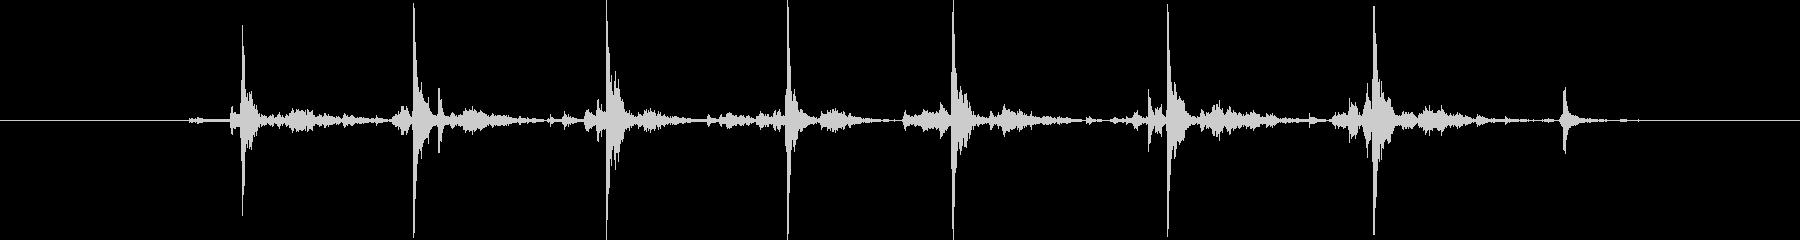 タイプライター7連打の未再生の波形